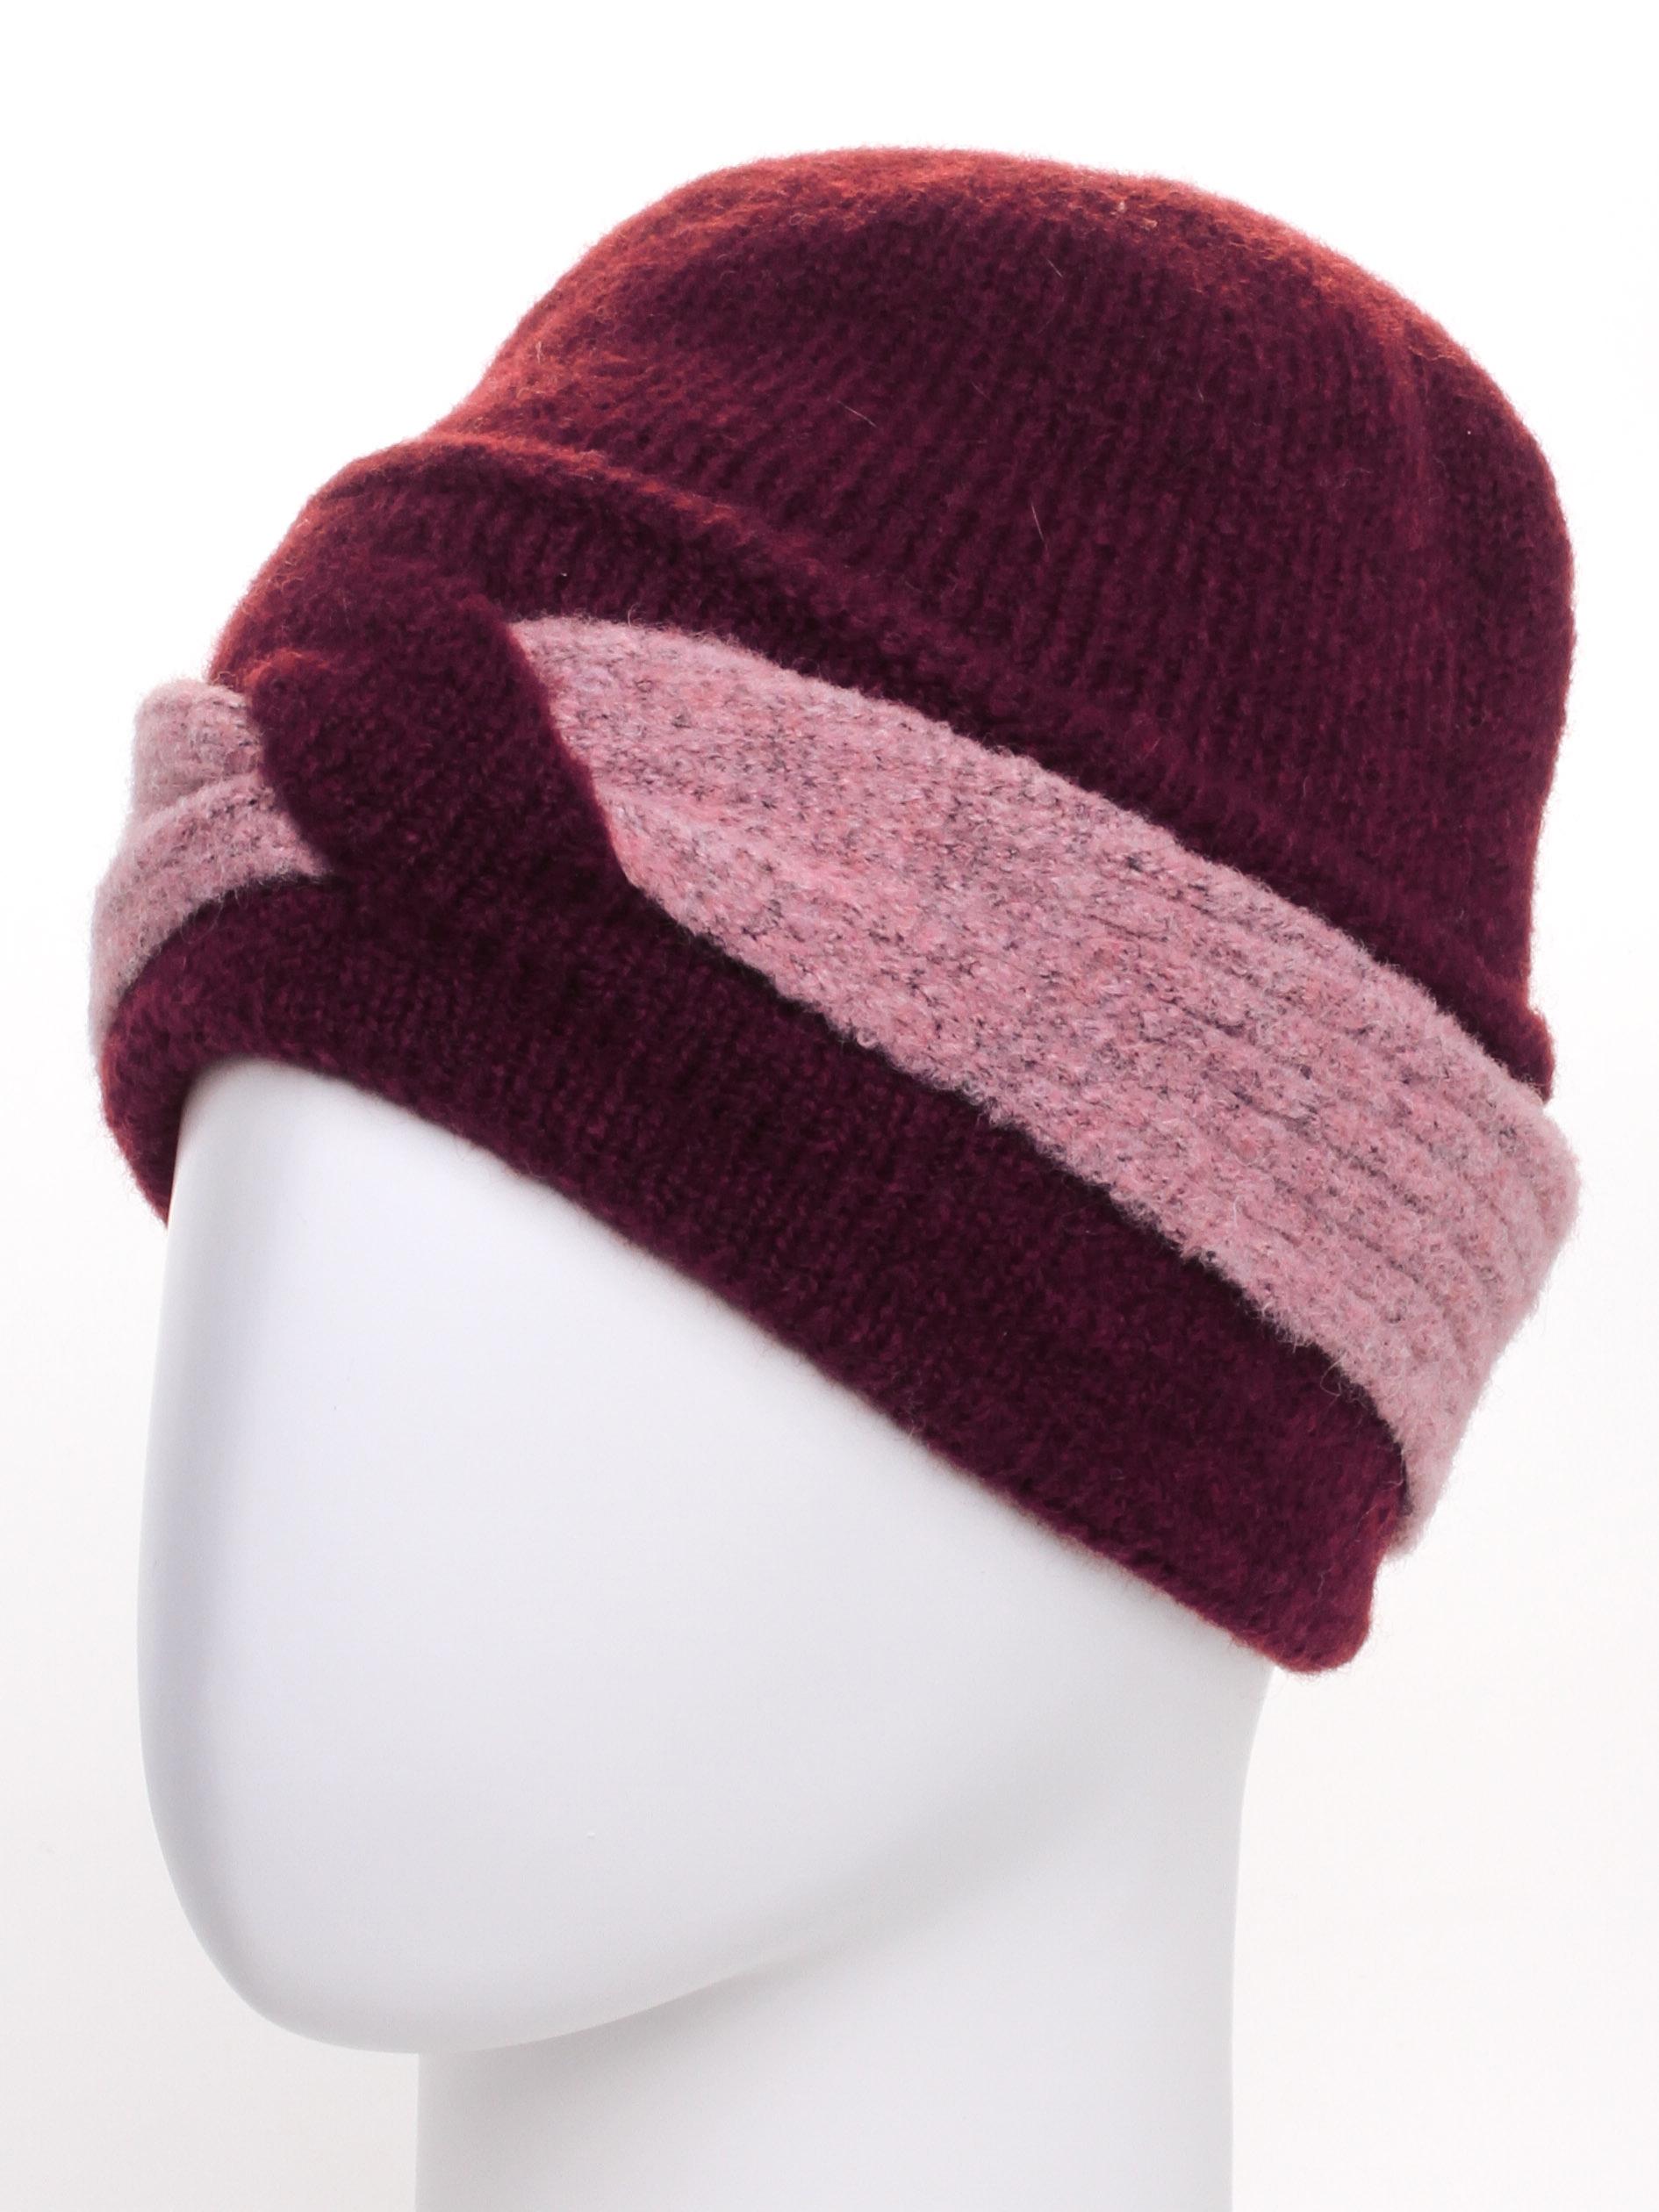 ШапкаШапки<br>Цветная шапка подарит Вам тепло и комфорт.  Стильный аксессуар защитит Вас от непогоды и станет прекрасным дополнением Вашего образа.  В изделии использованы цвета: бордовый, розовый<br><br>По материалу: Вязаные,Трикотаж<br>По рисунку: Цветные<br>По элементам: С декором<br>По сезону: Зима<br>Размер : universal<br>Материал: Вязаное полотно<br>Количество в наличии: 1